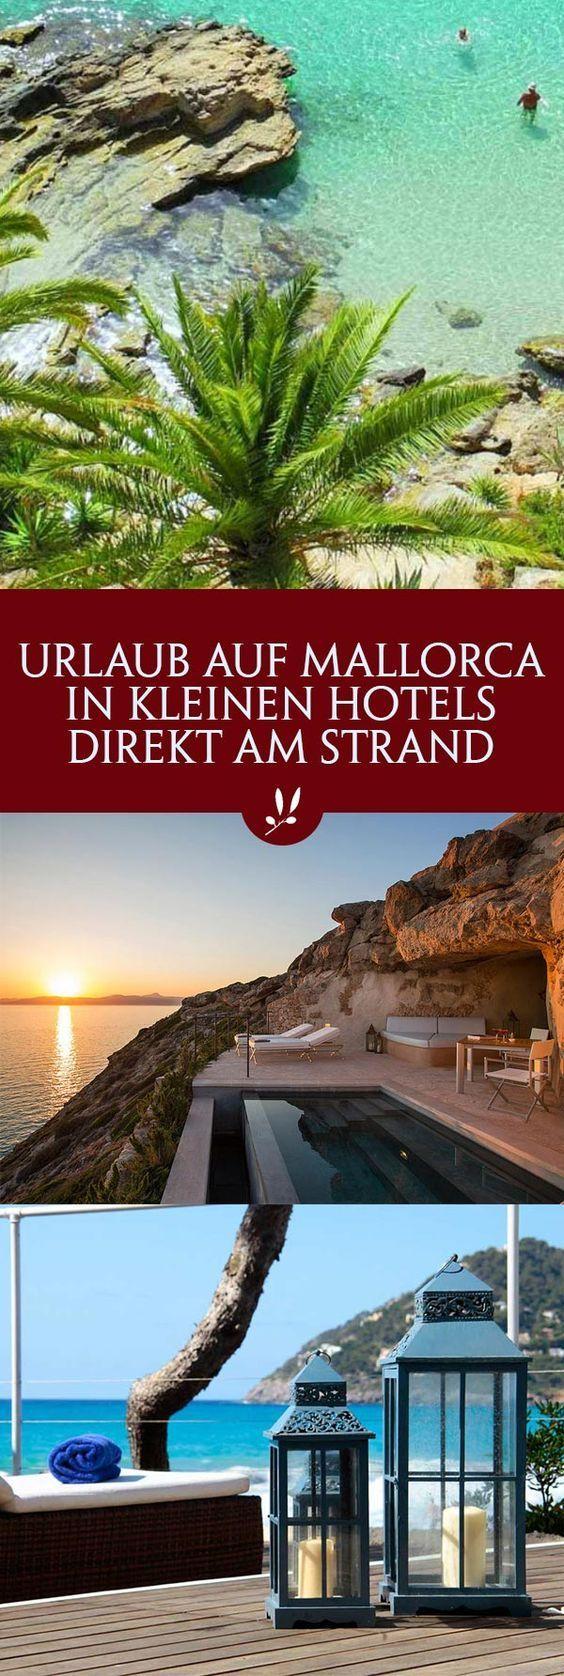 Über 100 Strände auf Mallorca locken viele Urlauber zum Badeurlaub auf die schöne Mittelmeerinsel. Wir haben euch die schönsten Hotels und Reisetipps entlang der Küsten zusammen gestellt. Familien wie Paare finden hier ihr ganz persönliches Hideway direkt am Strand.